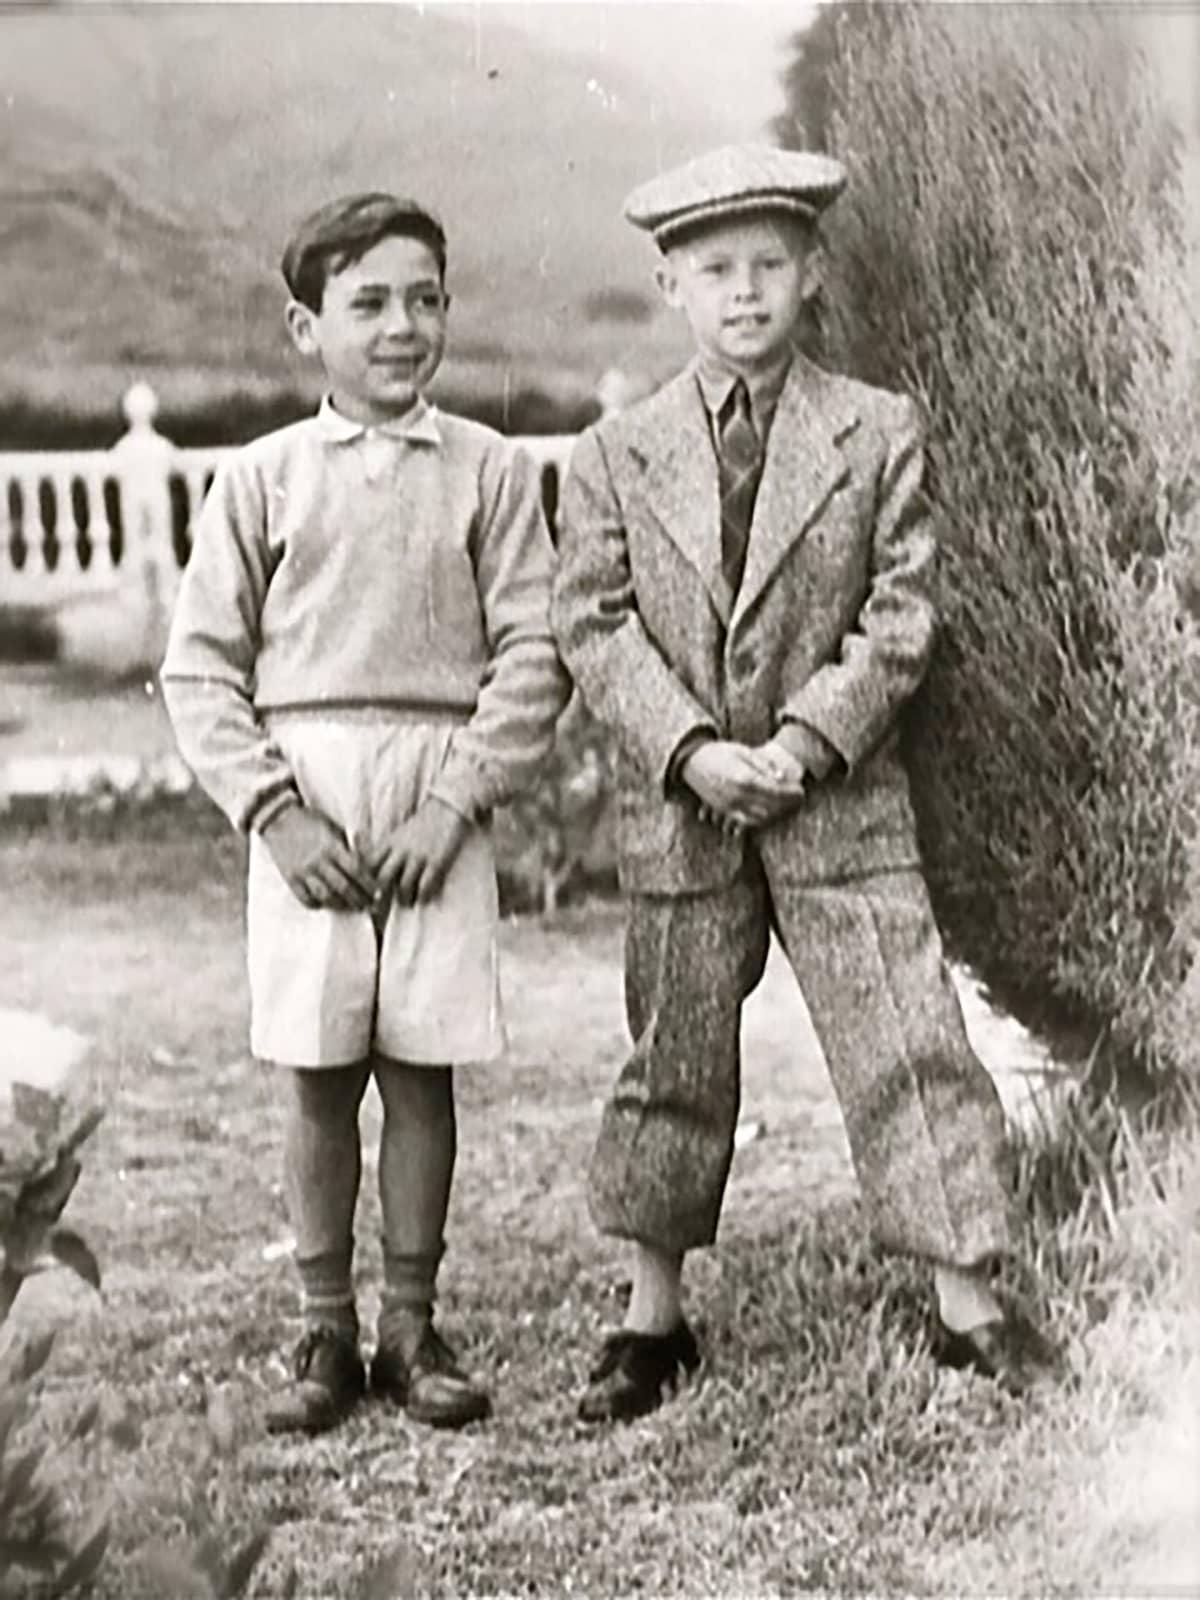 Hannu Hallamaa on lähdössä suomeen. Vuosi on 1955. Vieressä seisoo hänen ystävänsä Cristobal.